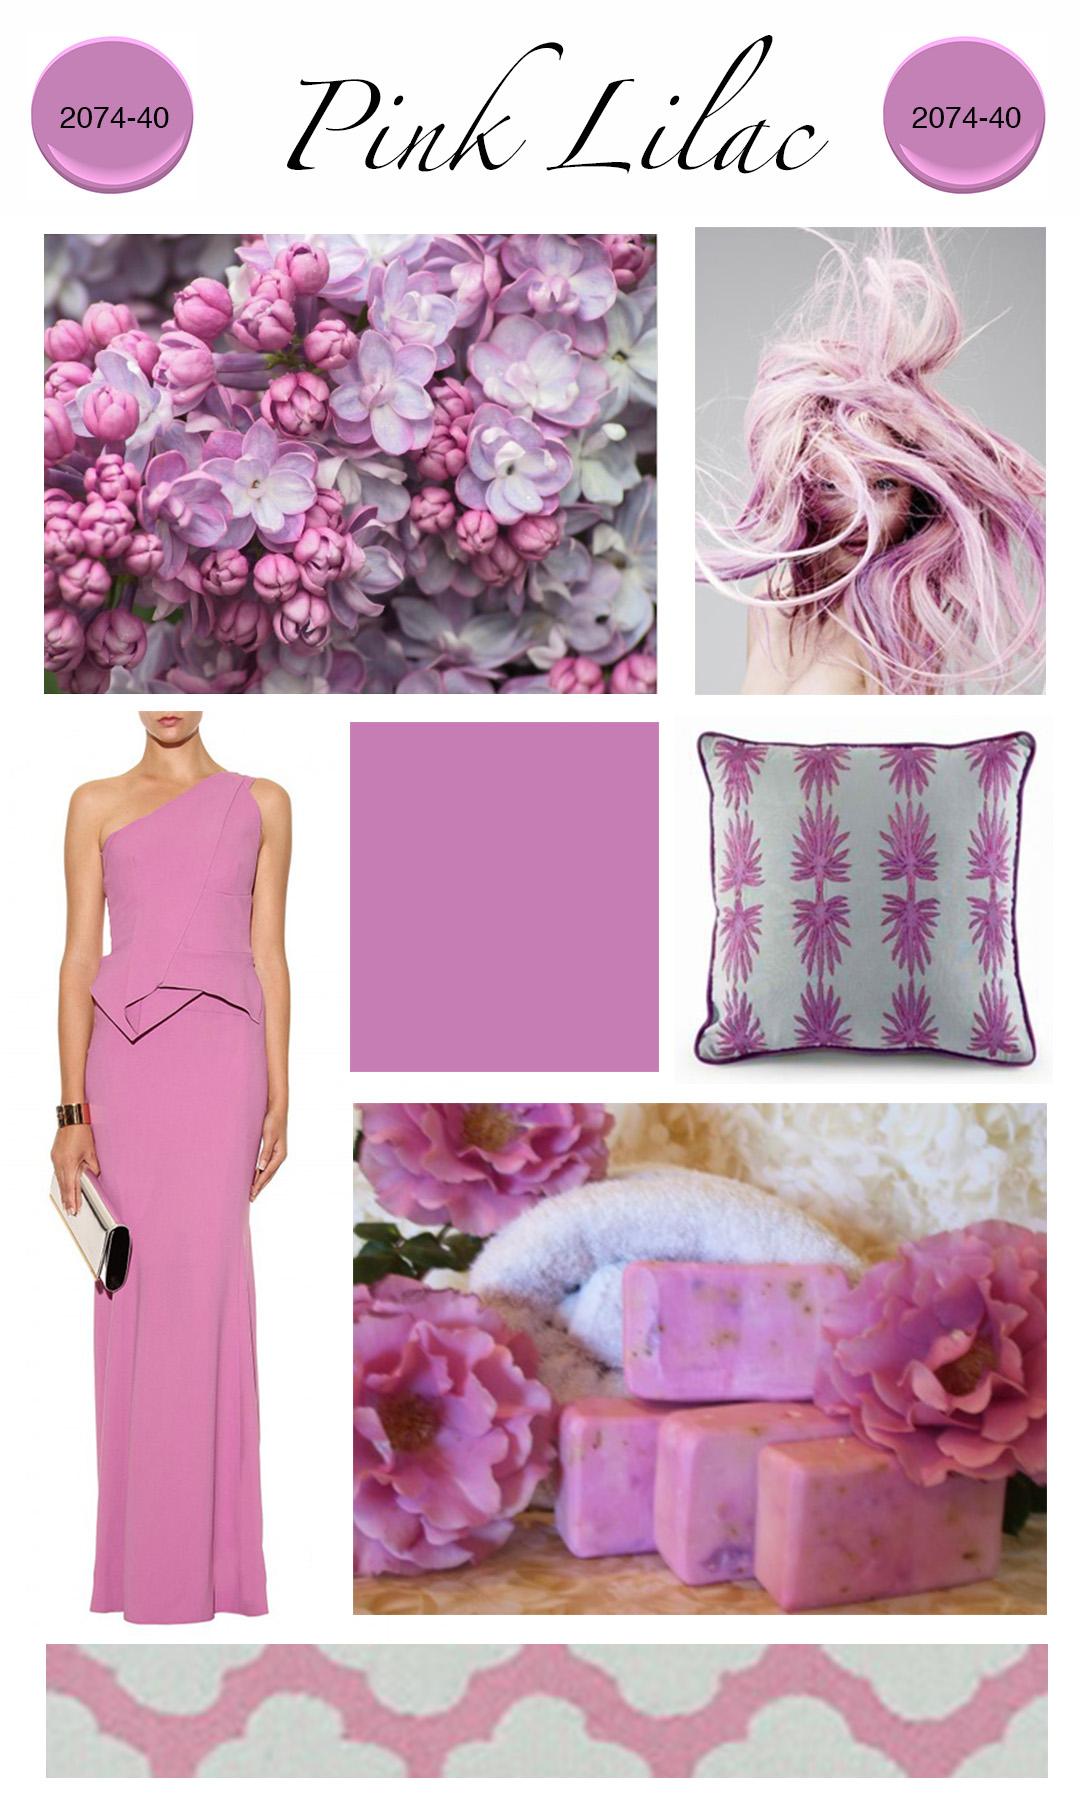 01_lilac_pink_2074-40_benjamin_moore